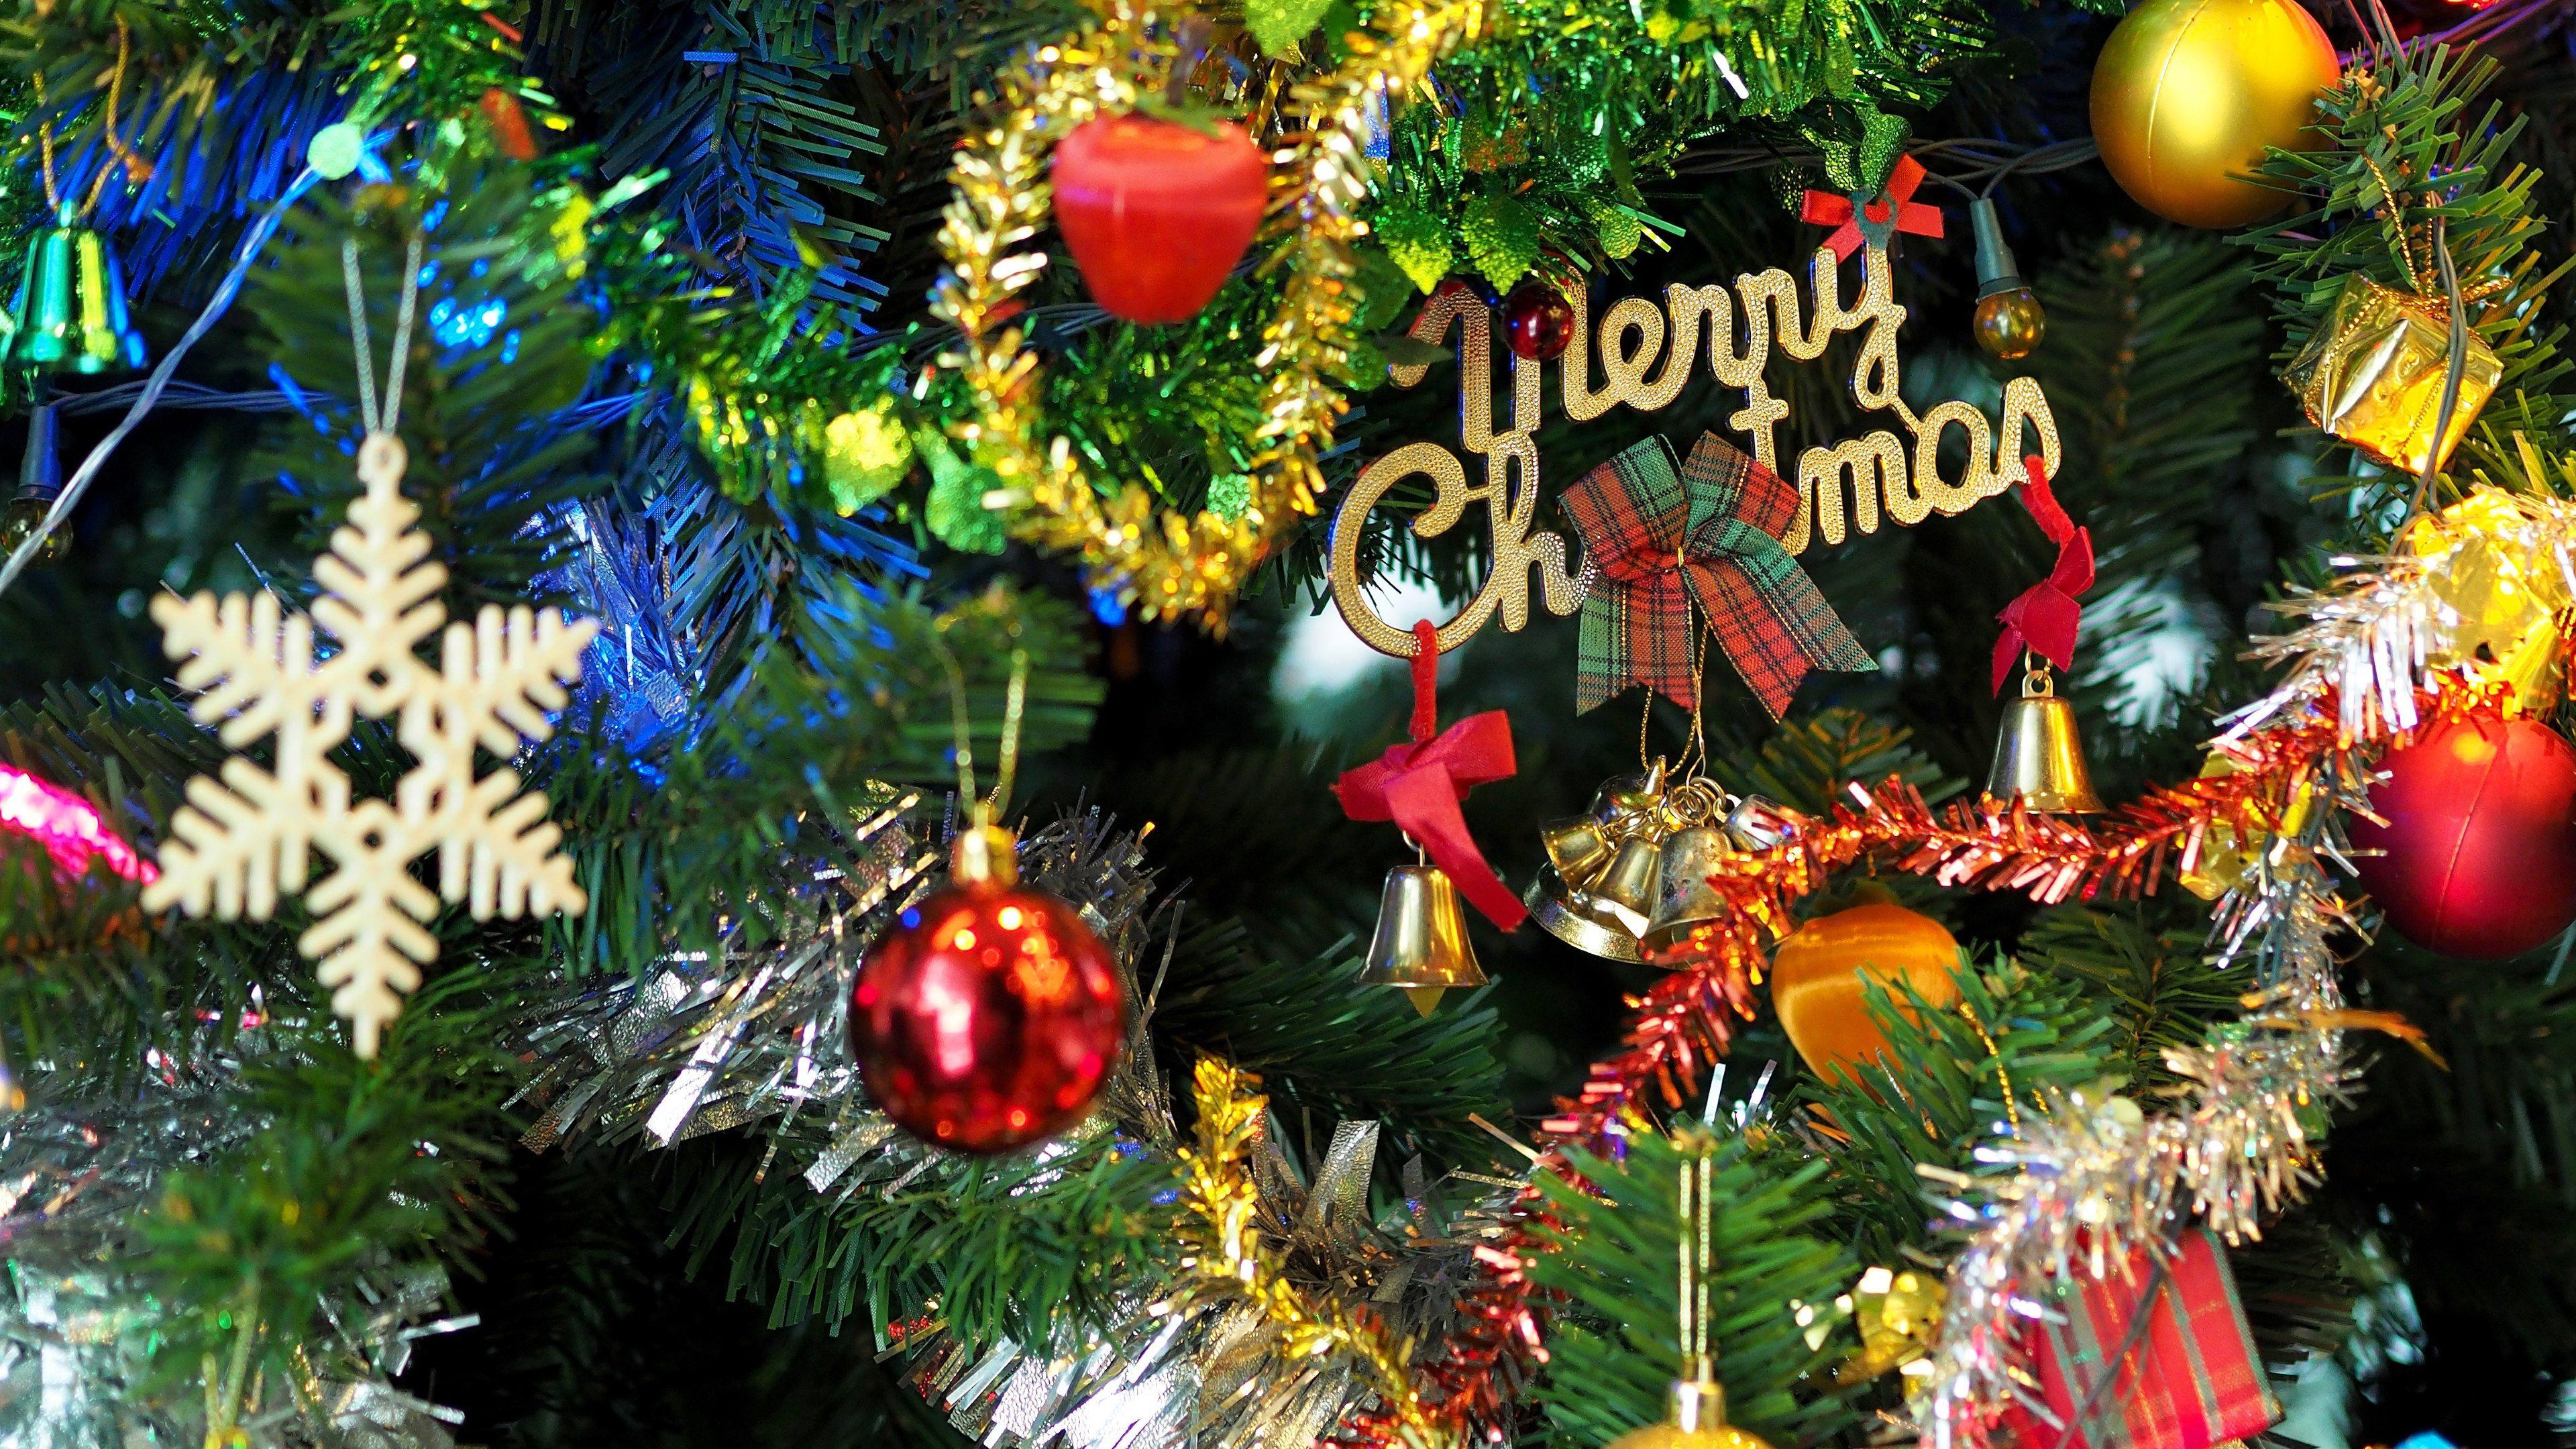 3840x2160 Christmas Wallpapers 3840x2160